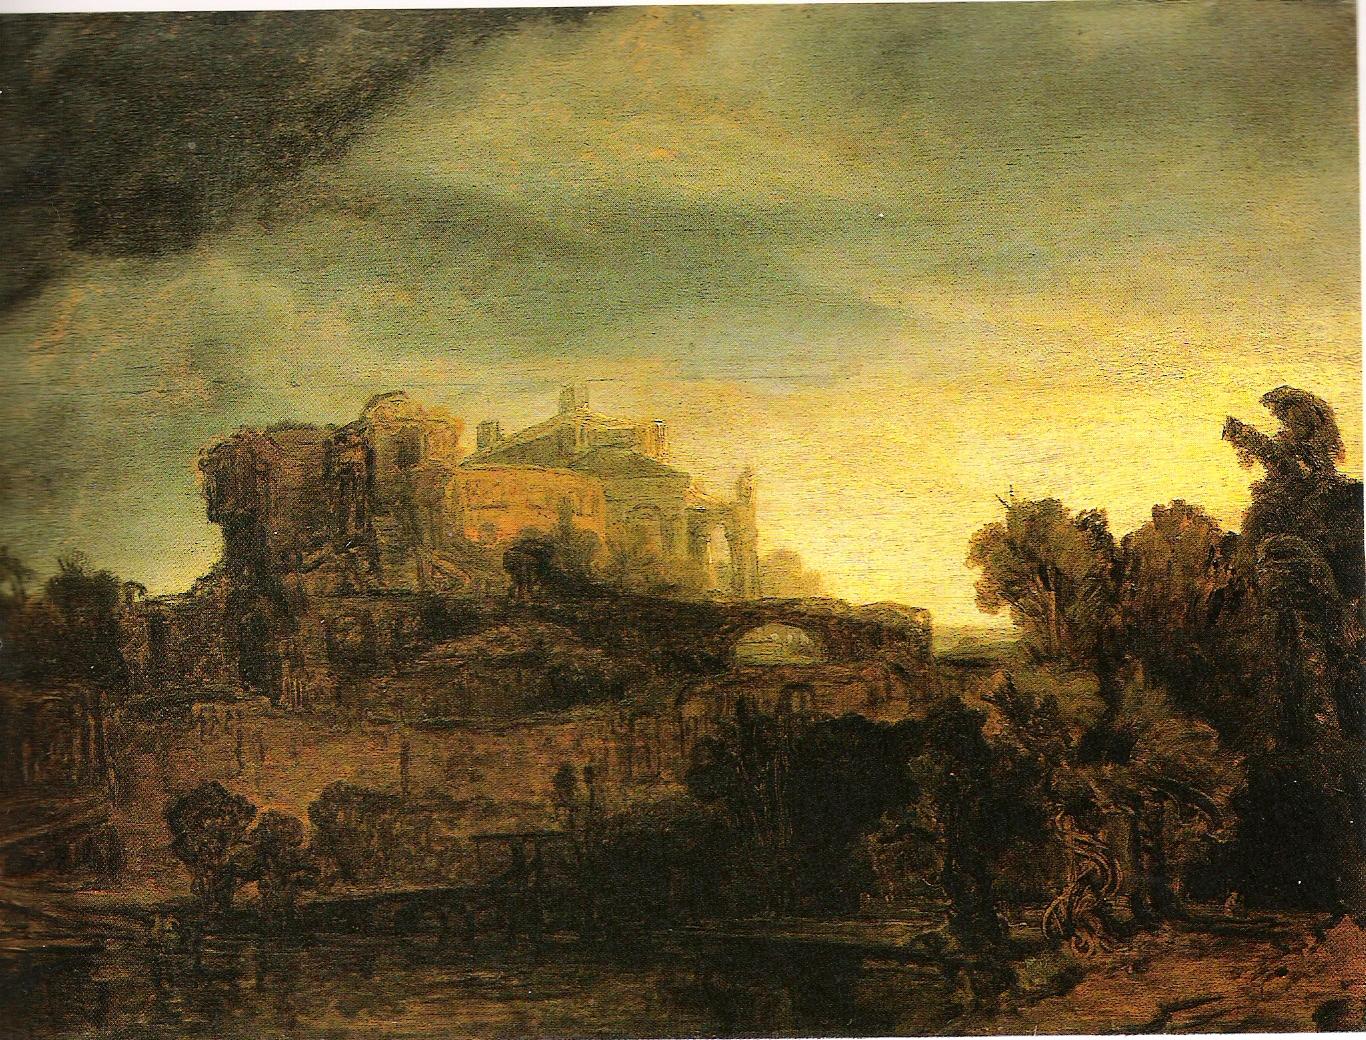 Landscape with a castle, Rembrandt